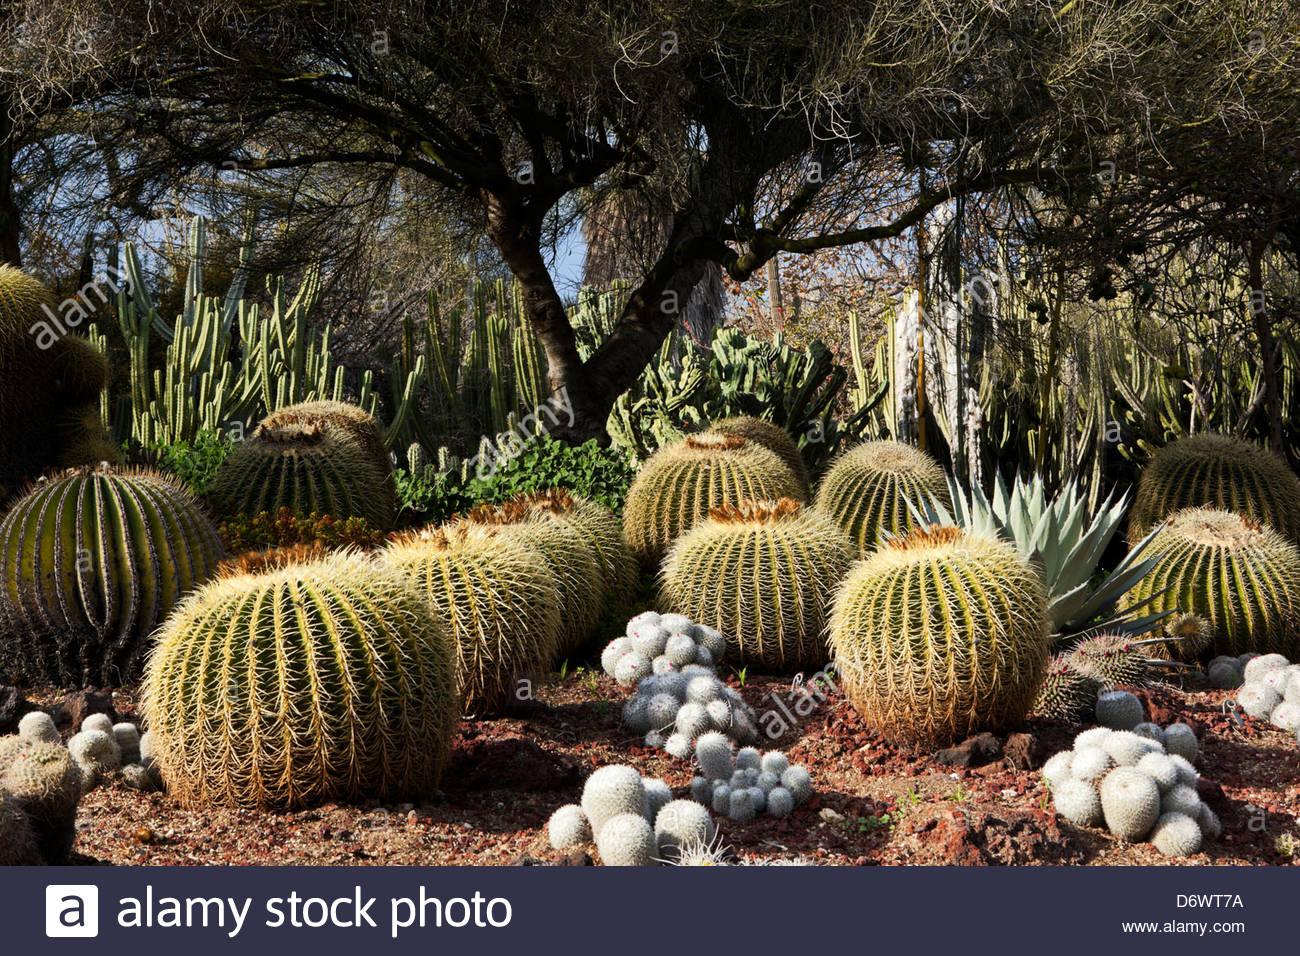 Desert Botanical Gardens Stock Photos & Desert Botanical Gardens ...